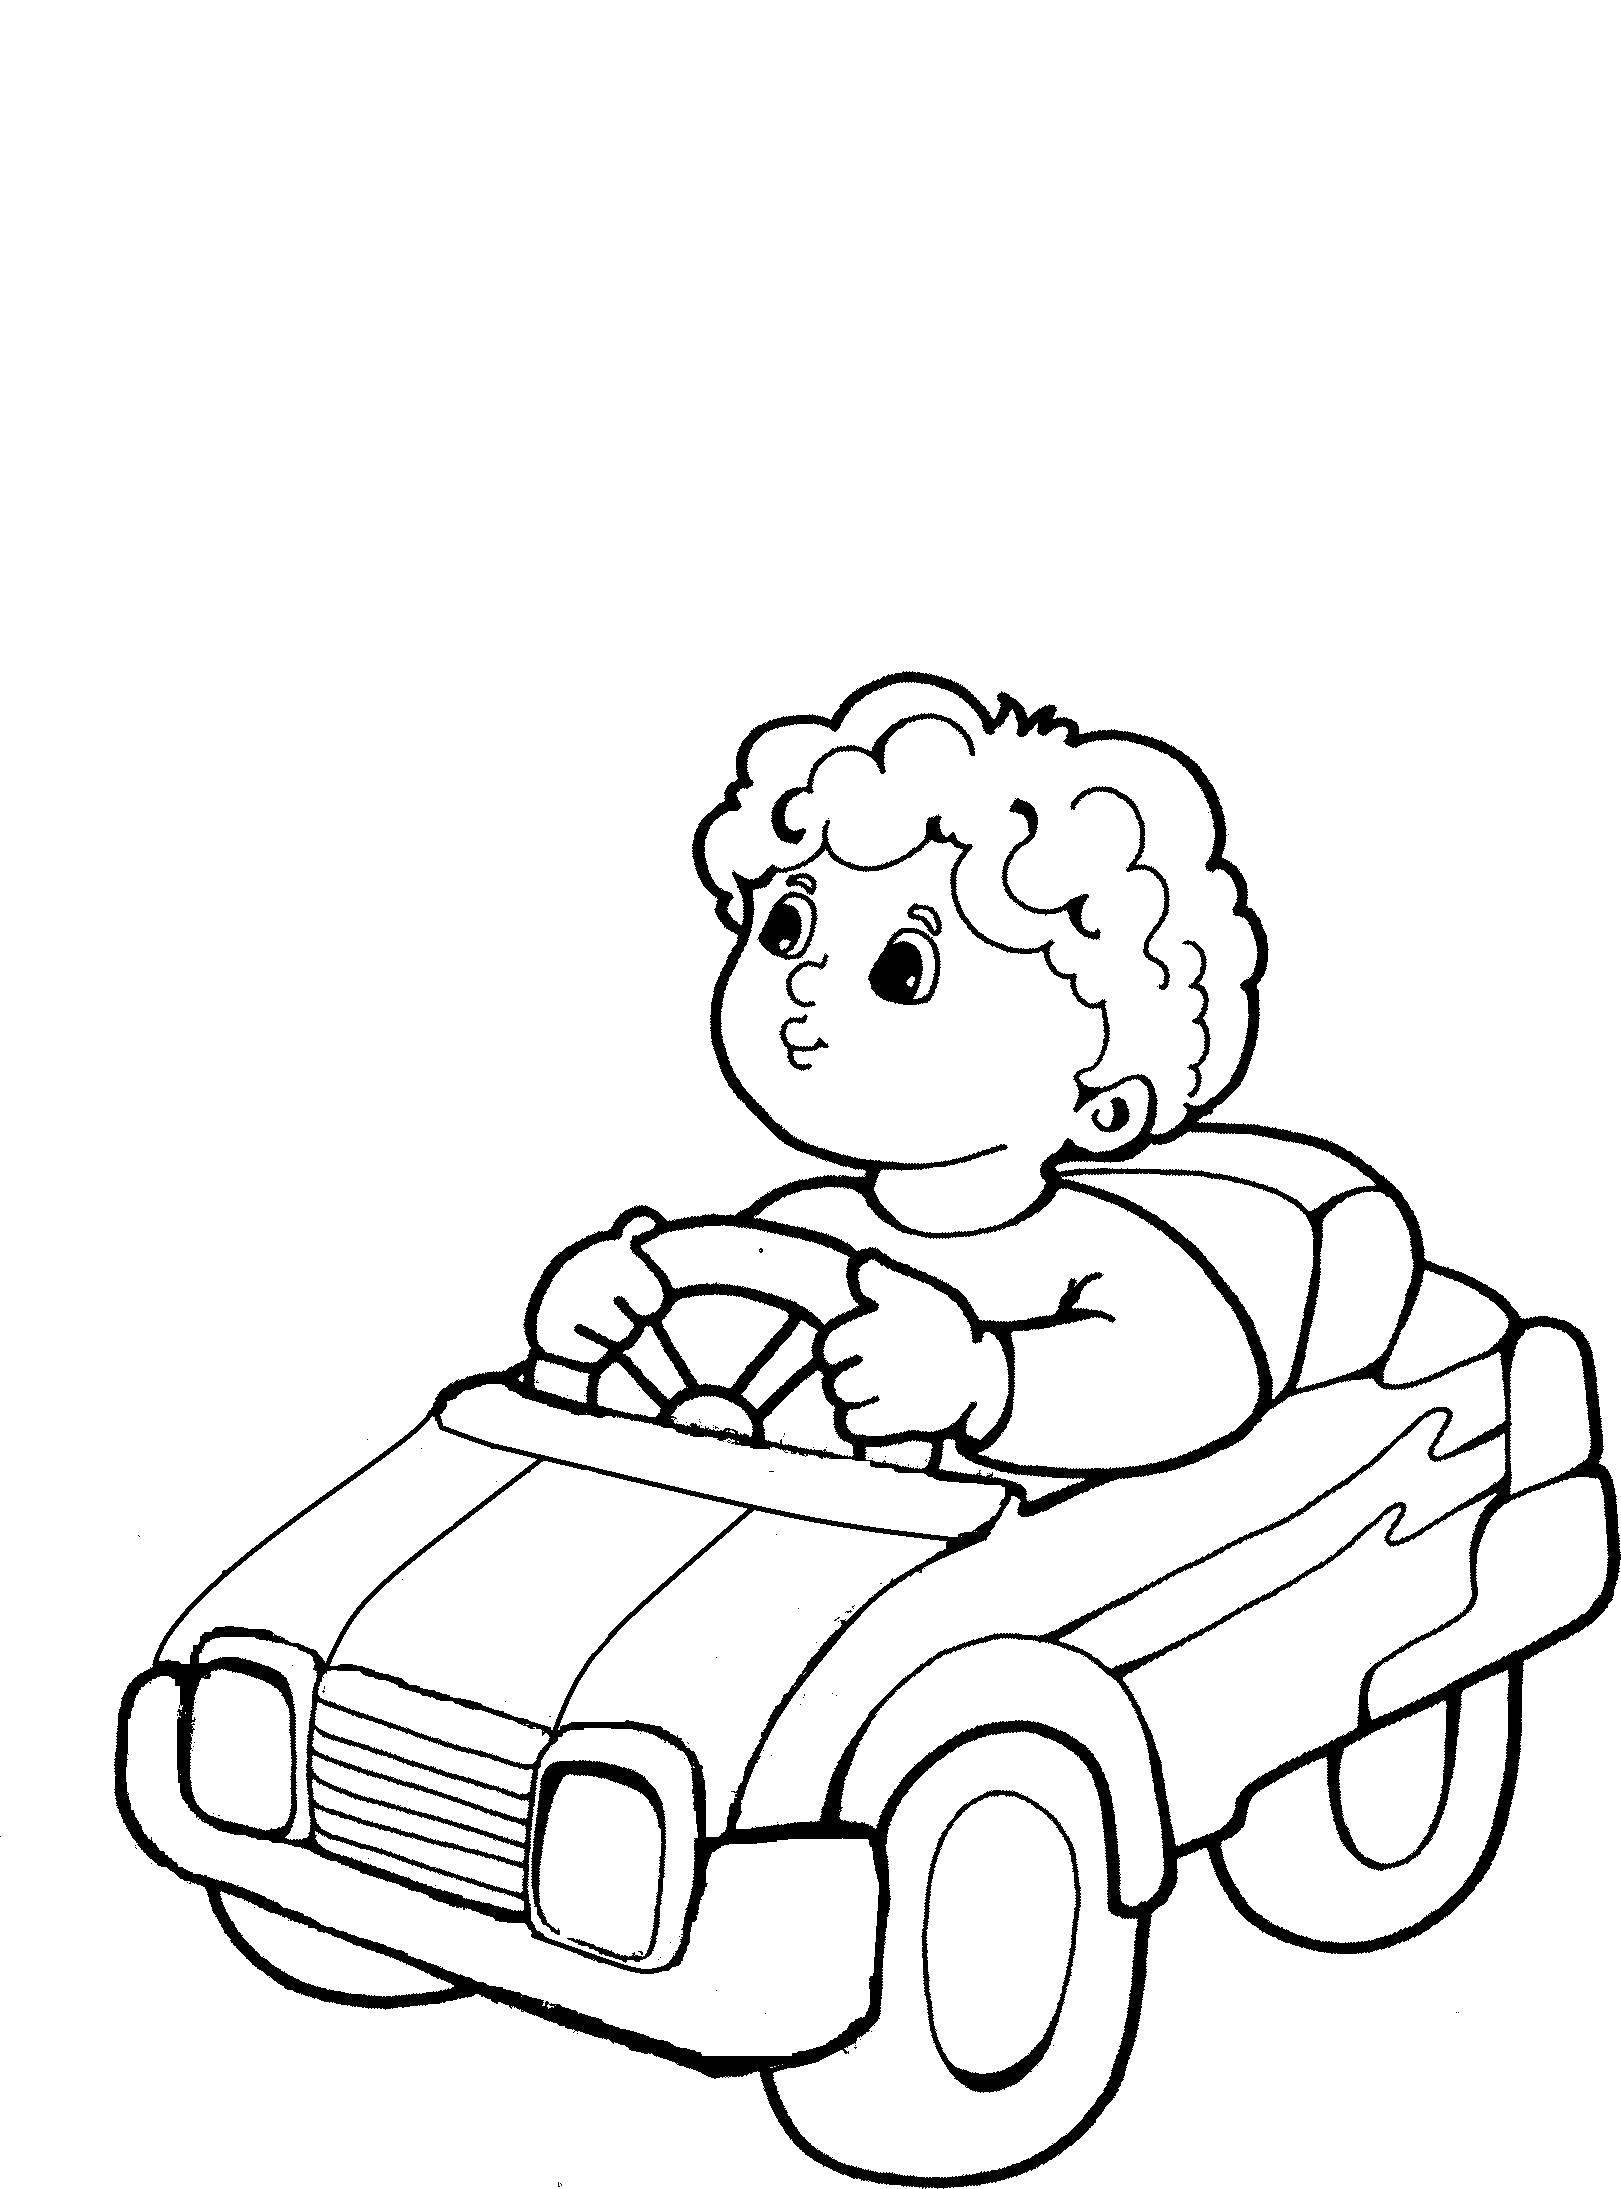 Раскраски слоненок, Раскраска Слоненок Раскраски для малышей.